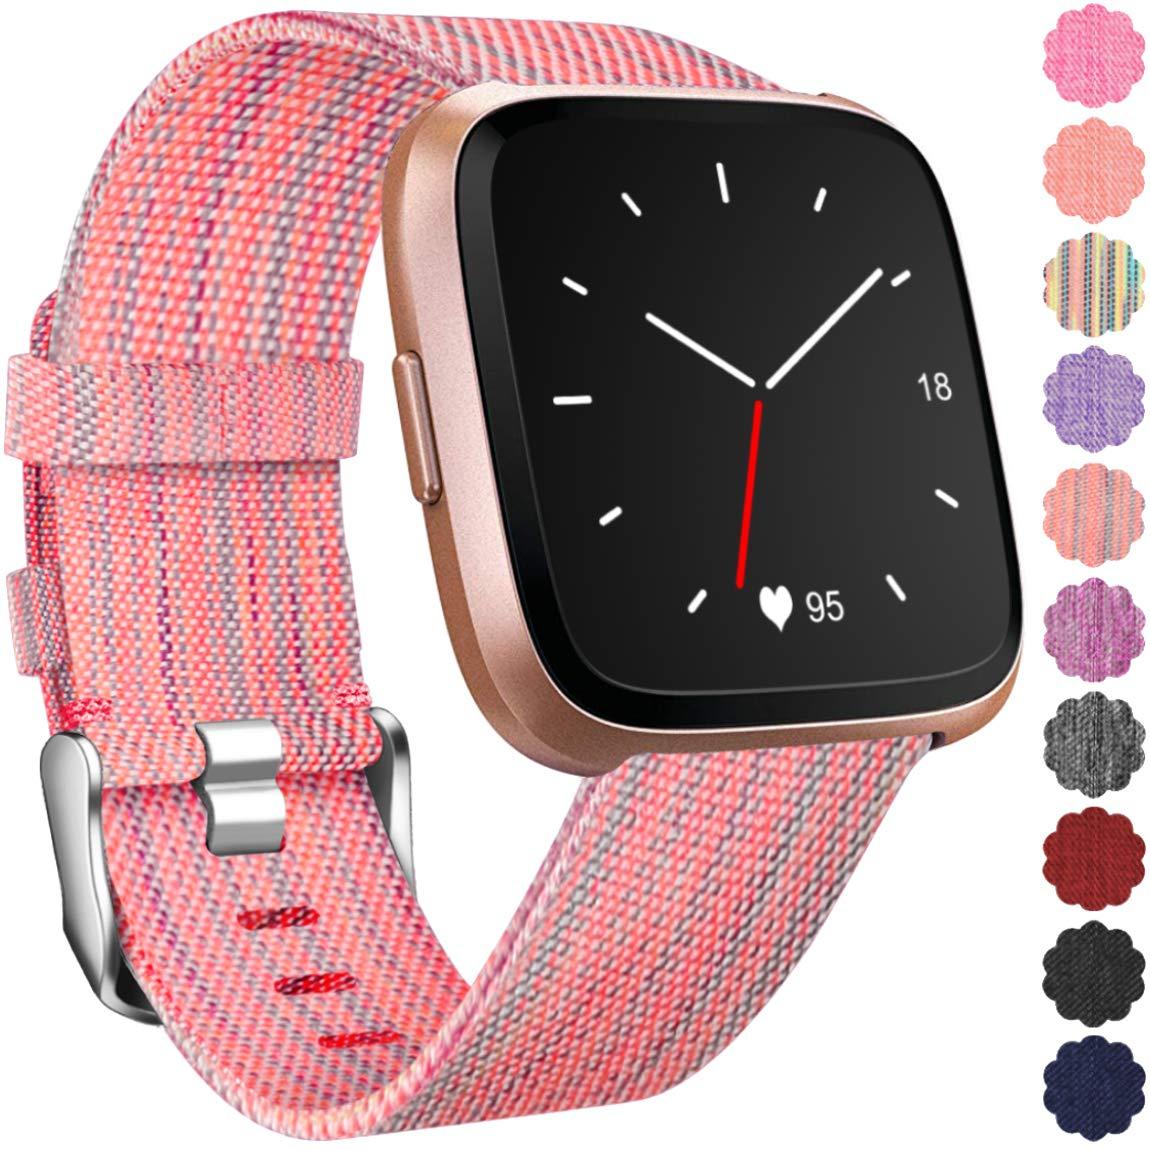 Malla Repuesto Para Reloj Fitbit Versa/lite/special, Talle S